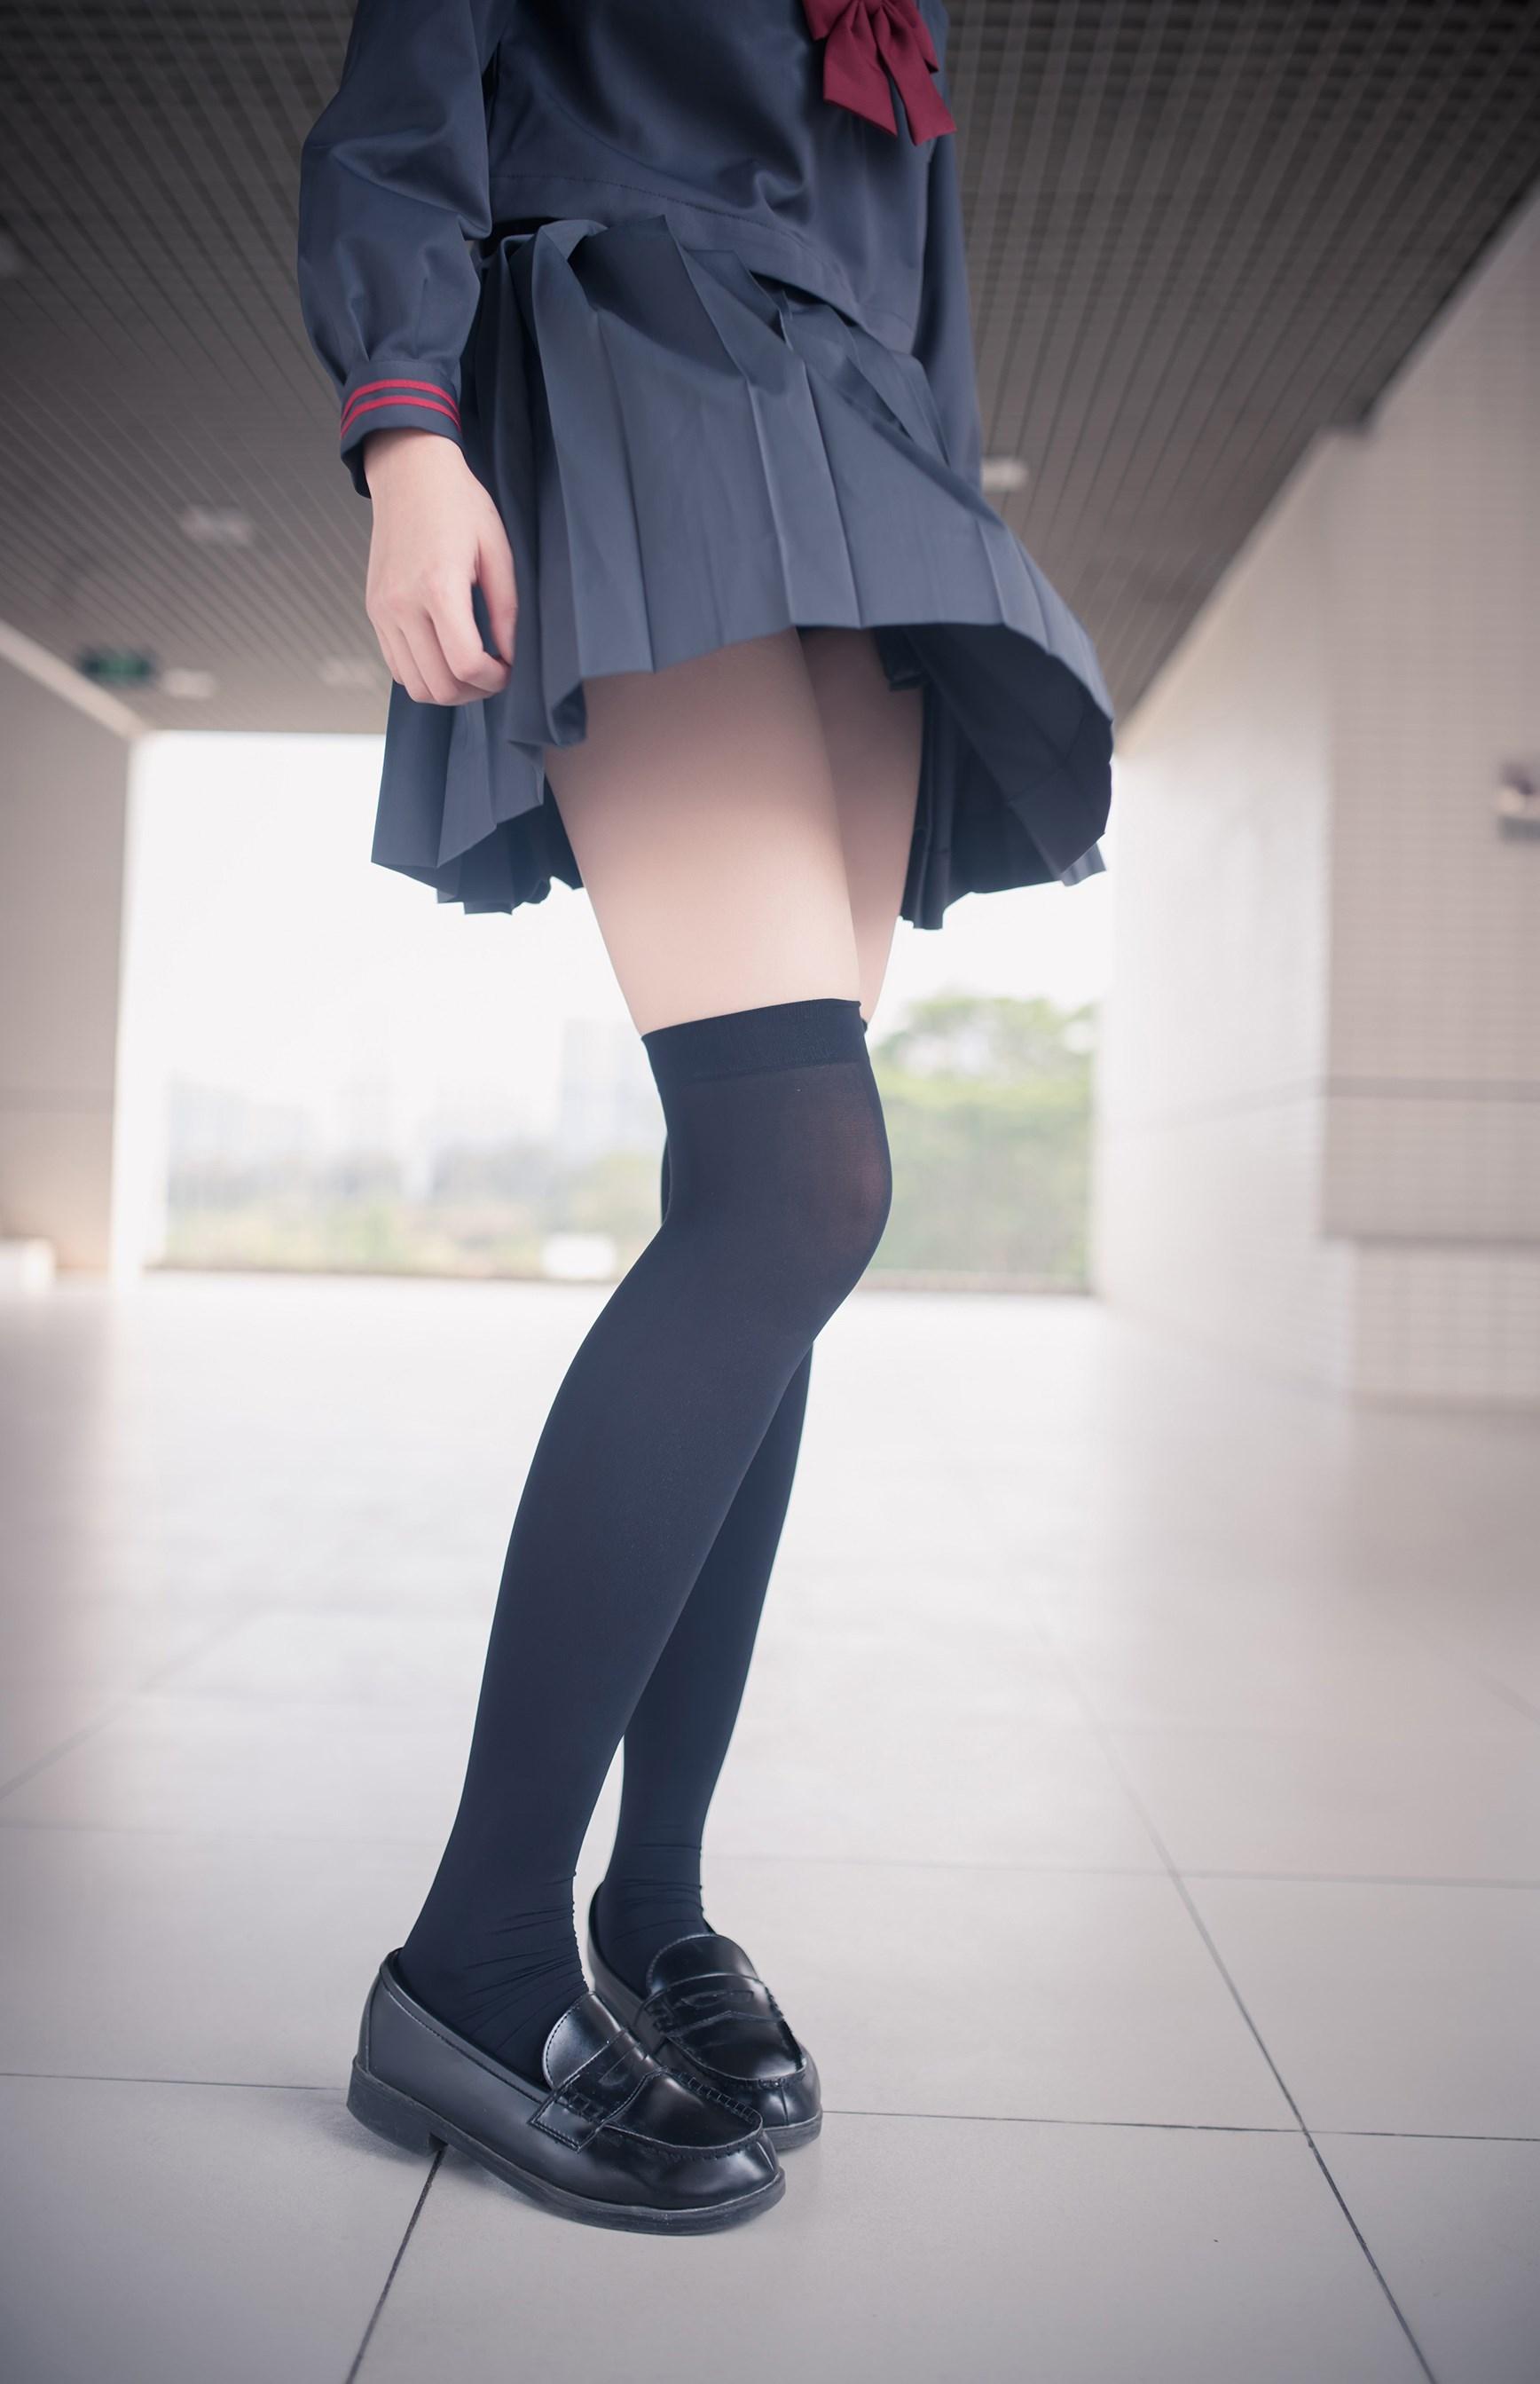 【兔玩映画】黑丝过膝袜 兔玩映画 第1张